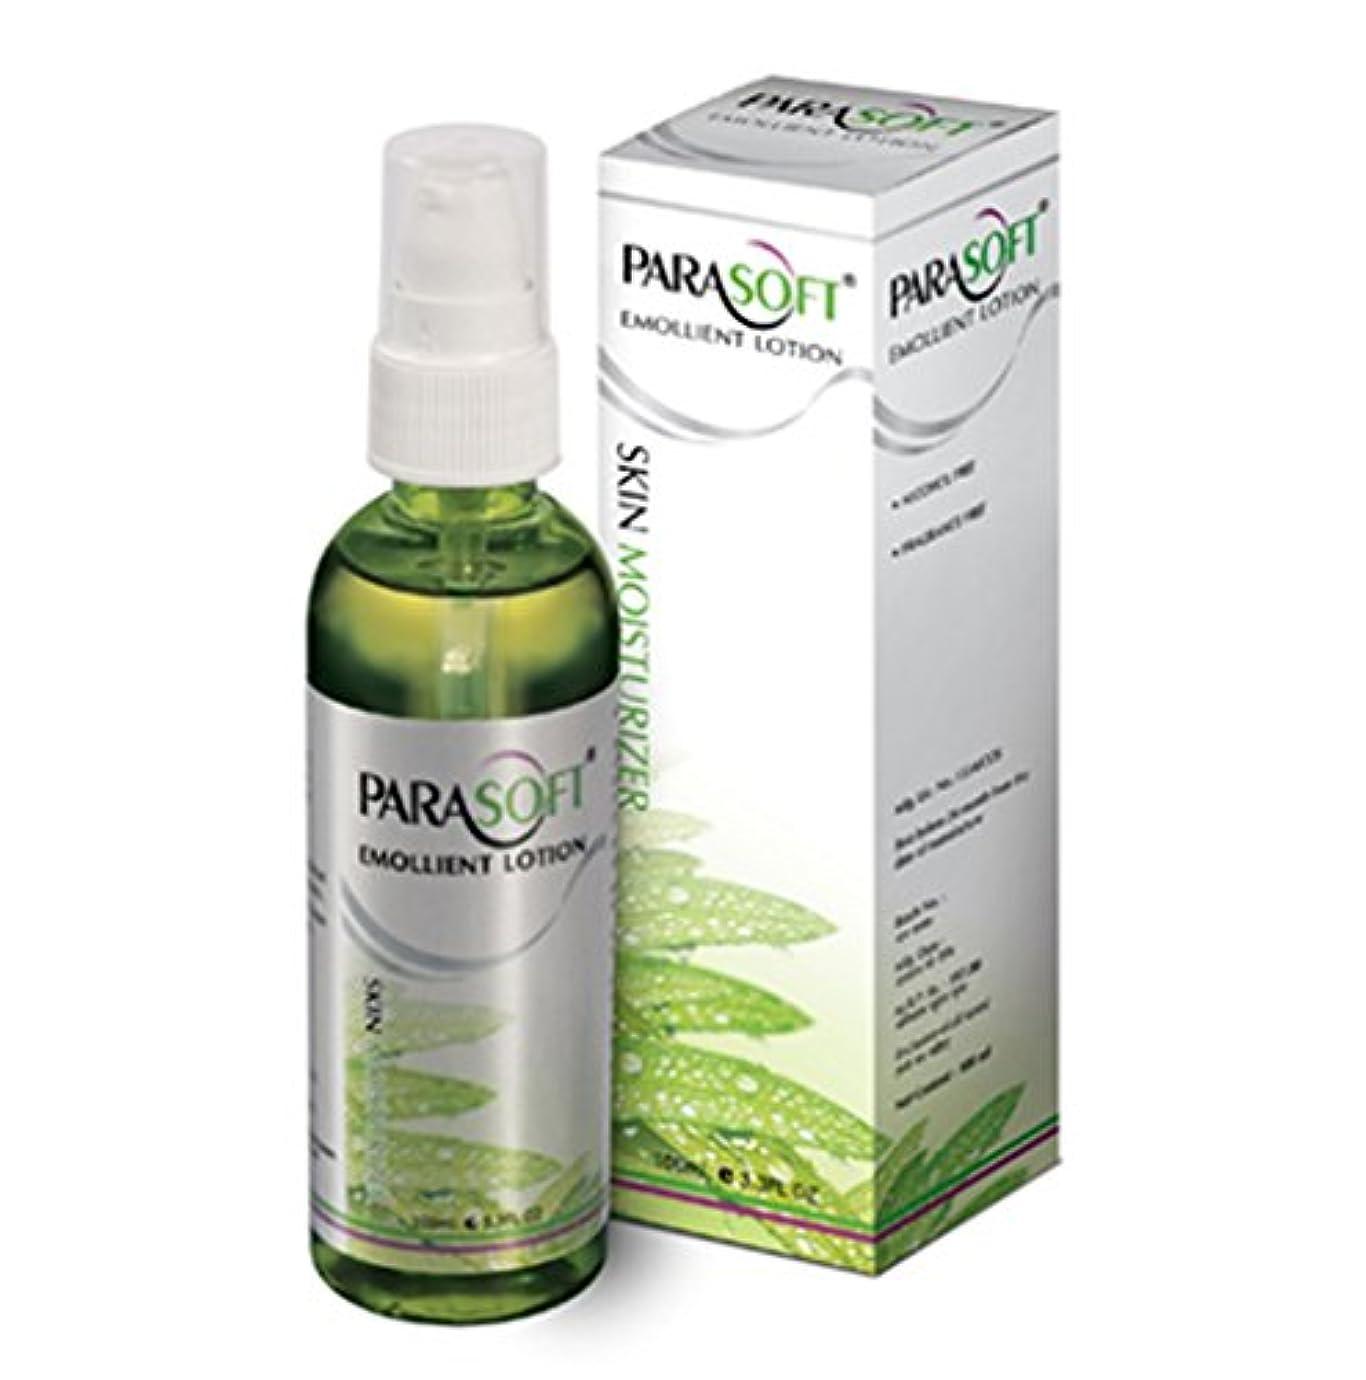 ルートフローティング怖いParaffin Lotion Grapeseed, Jojoba, Aloevera, Avocado, Olive Oil Dry Skin 100ml